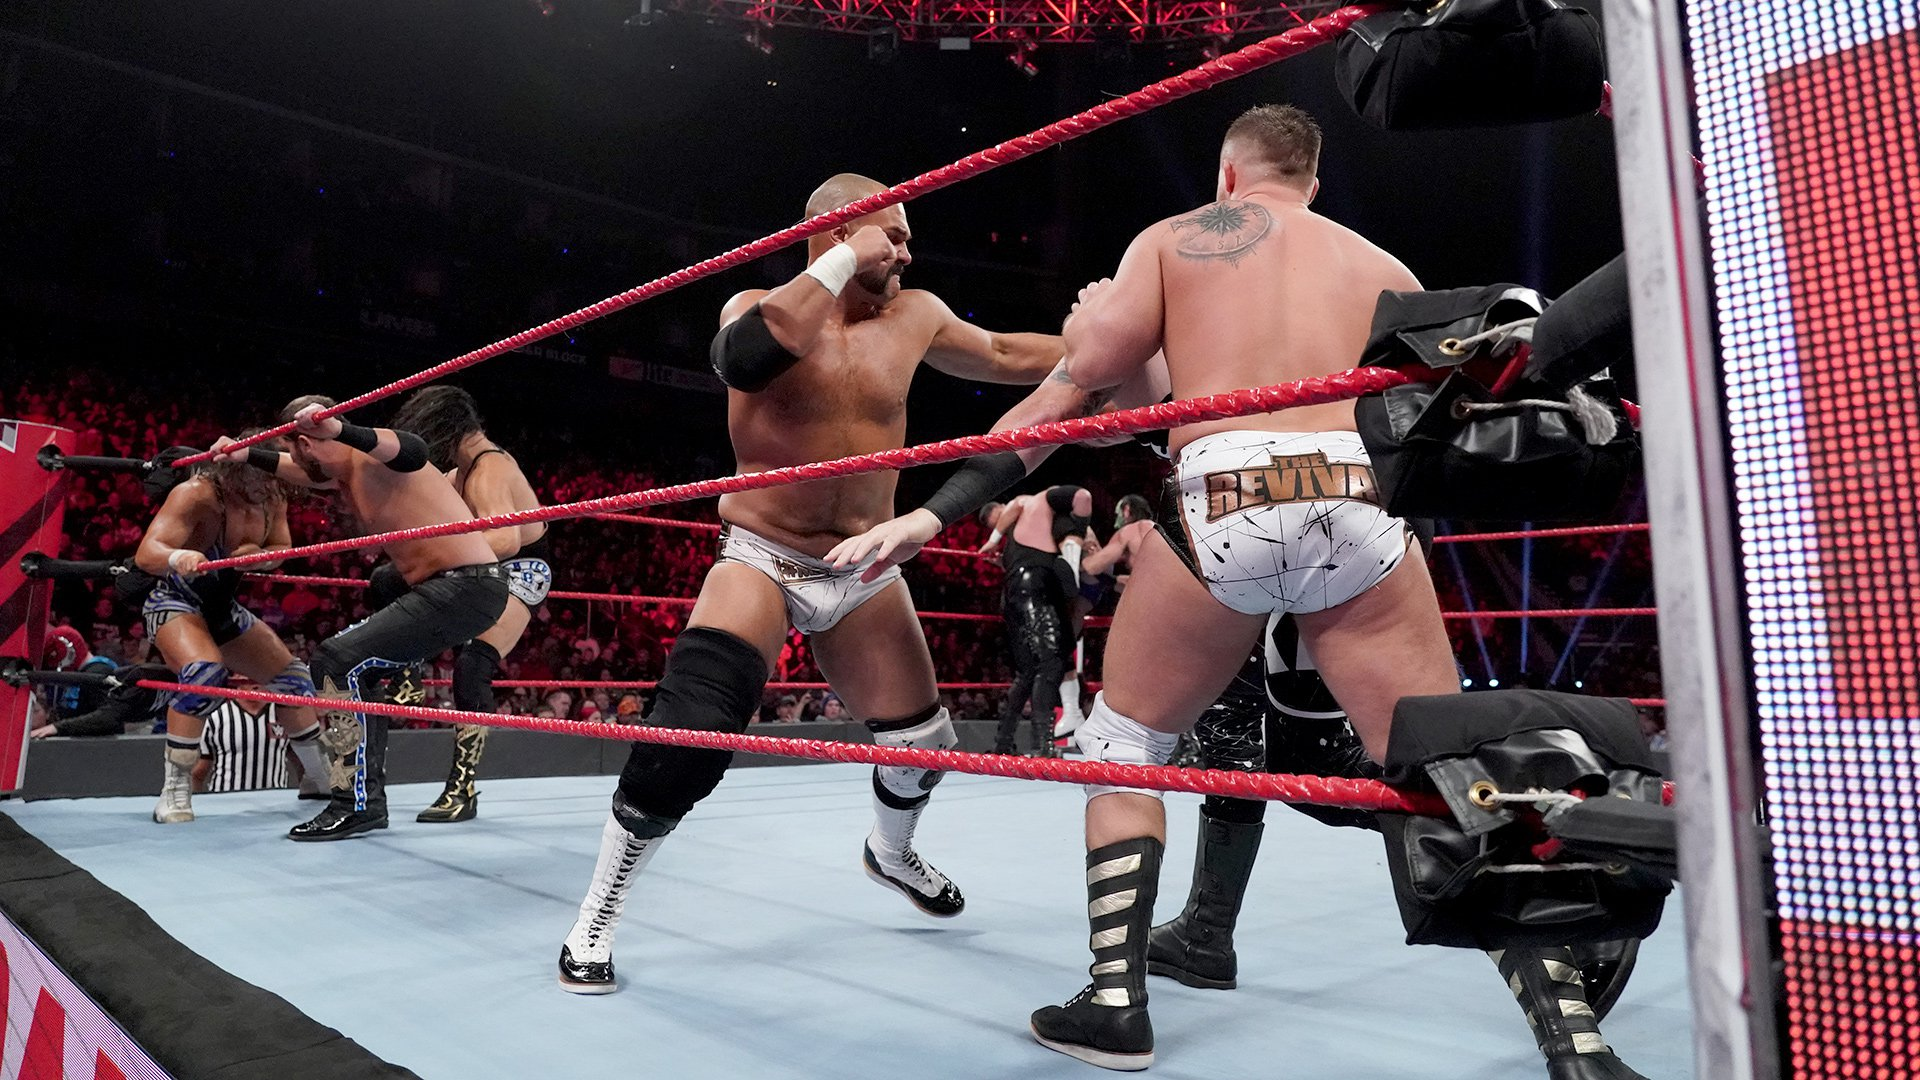 Tag Team Battle Royal - Les Vainqueurs deviennent Capitaines de la Division par Équipes: Raw, 12 Novembre 2018